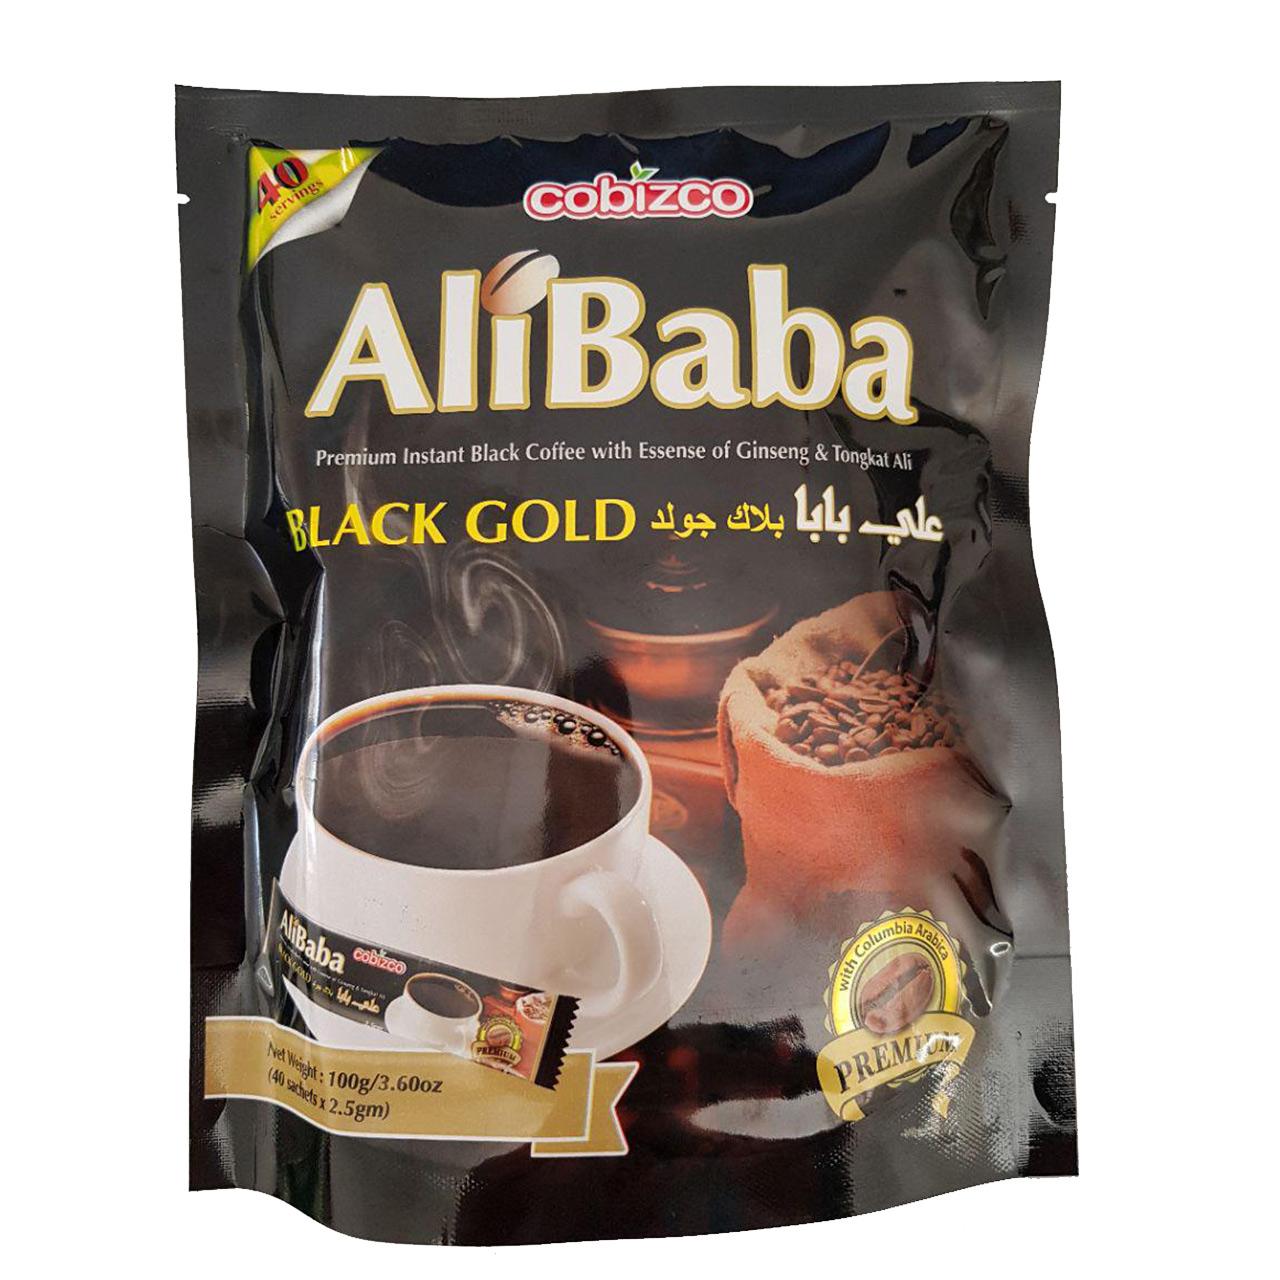 قهوه فوری کوبیزکو مدل علی بابا جینسینگ دار بسته 40 عددی